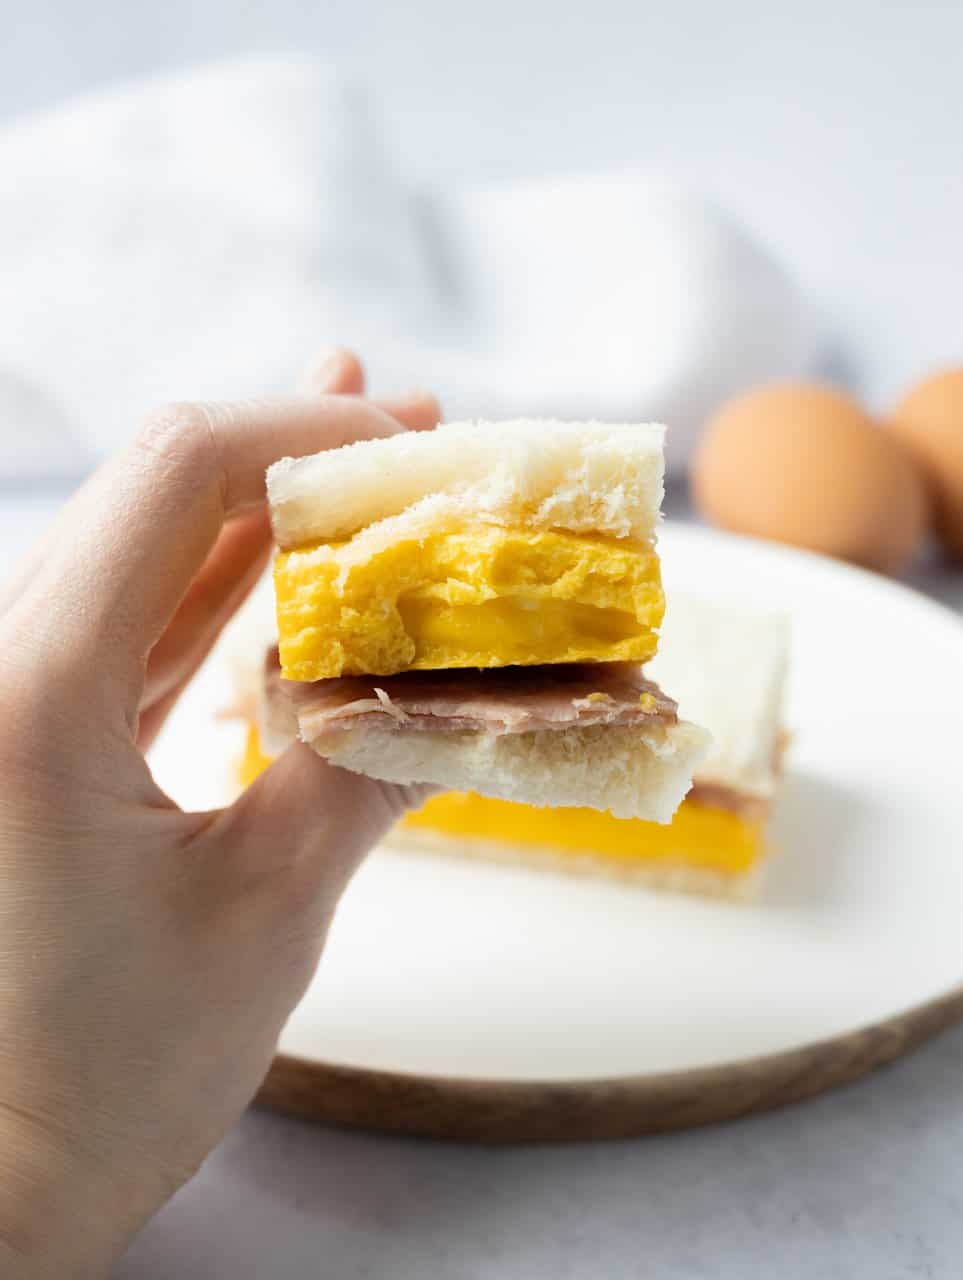 Hong Kong Ham Egg Sandwich